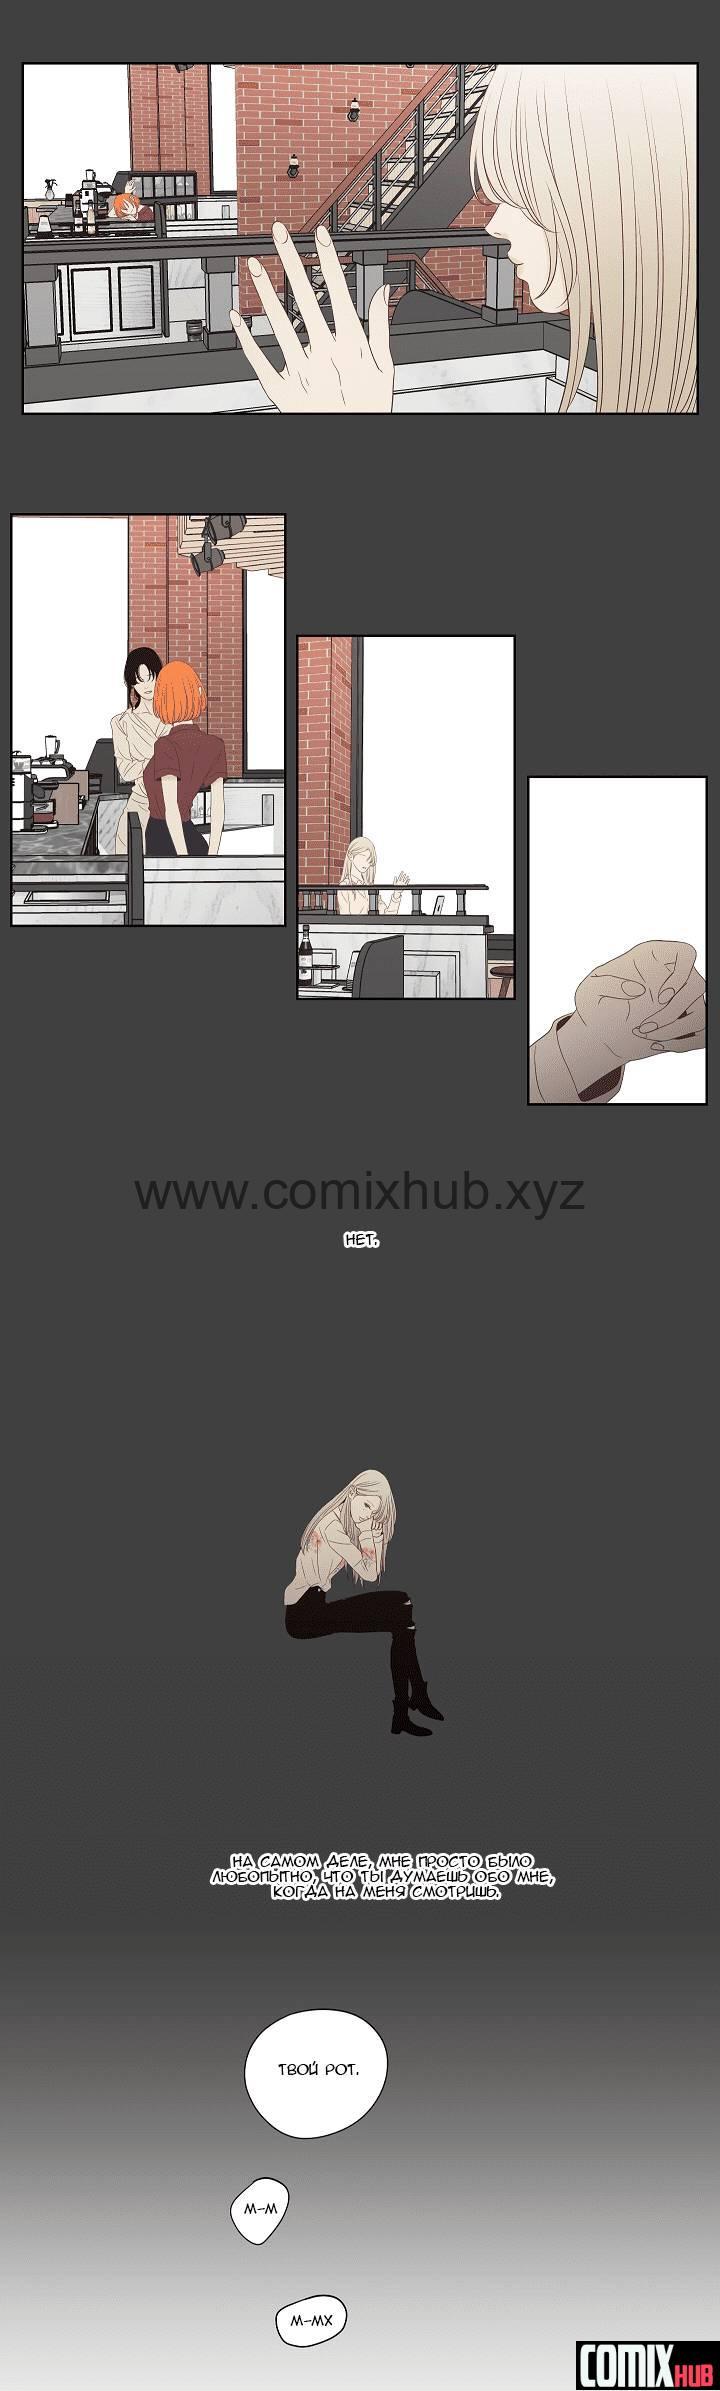 Манхва Эстетика питомца, часть 8 Хентай манга, манхва, Большая грудь